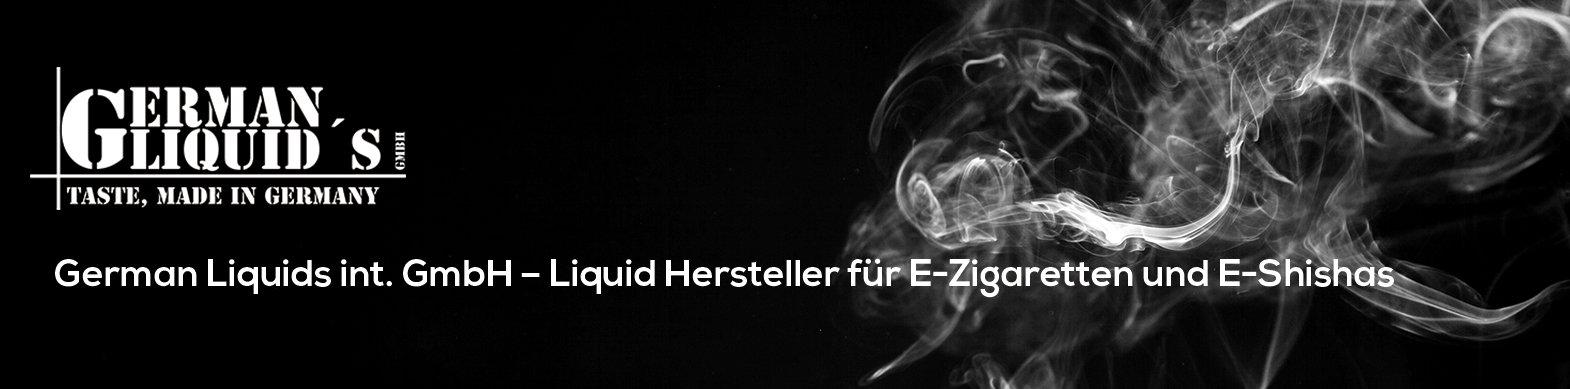 Germanliquids-Slider-Webseite2